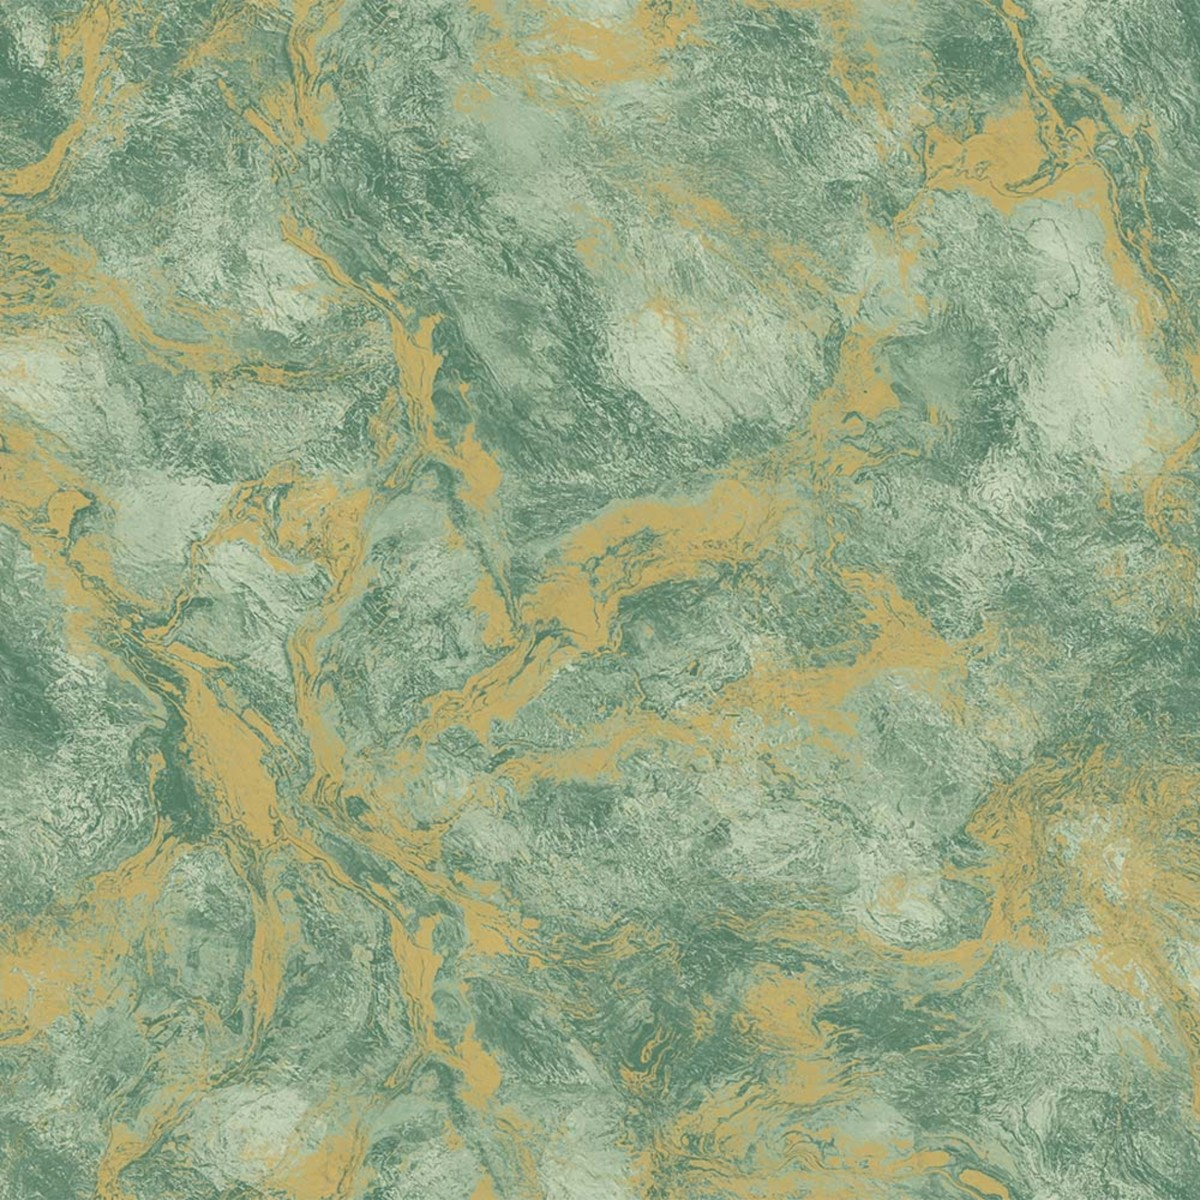 Обои флизелиновые Adawall Indigo зеленые 1.06 м 4712-3